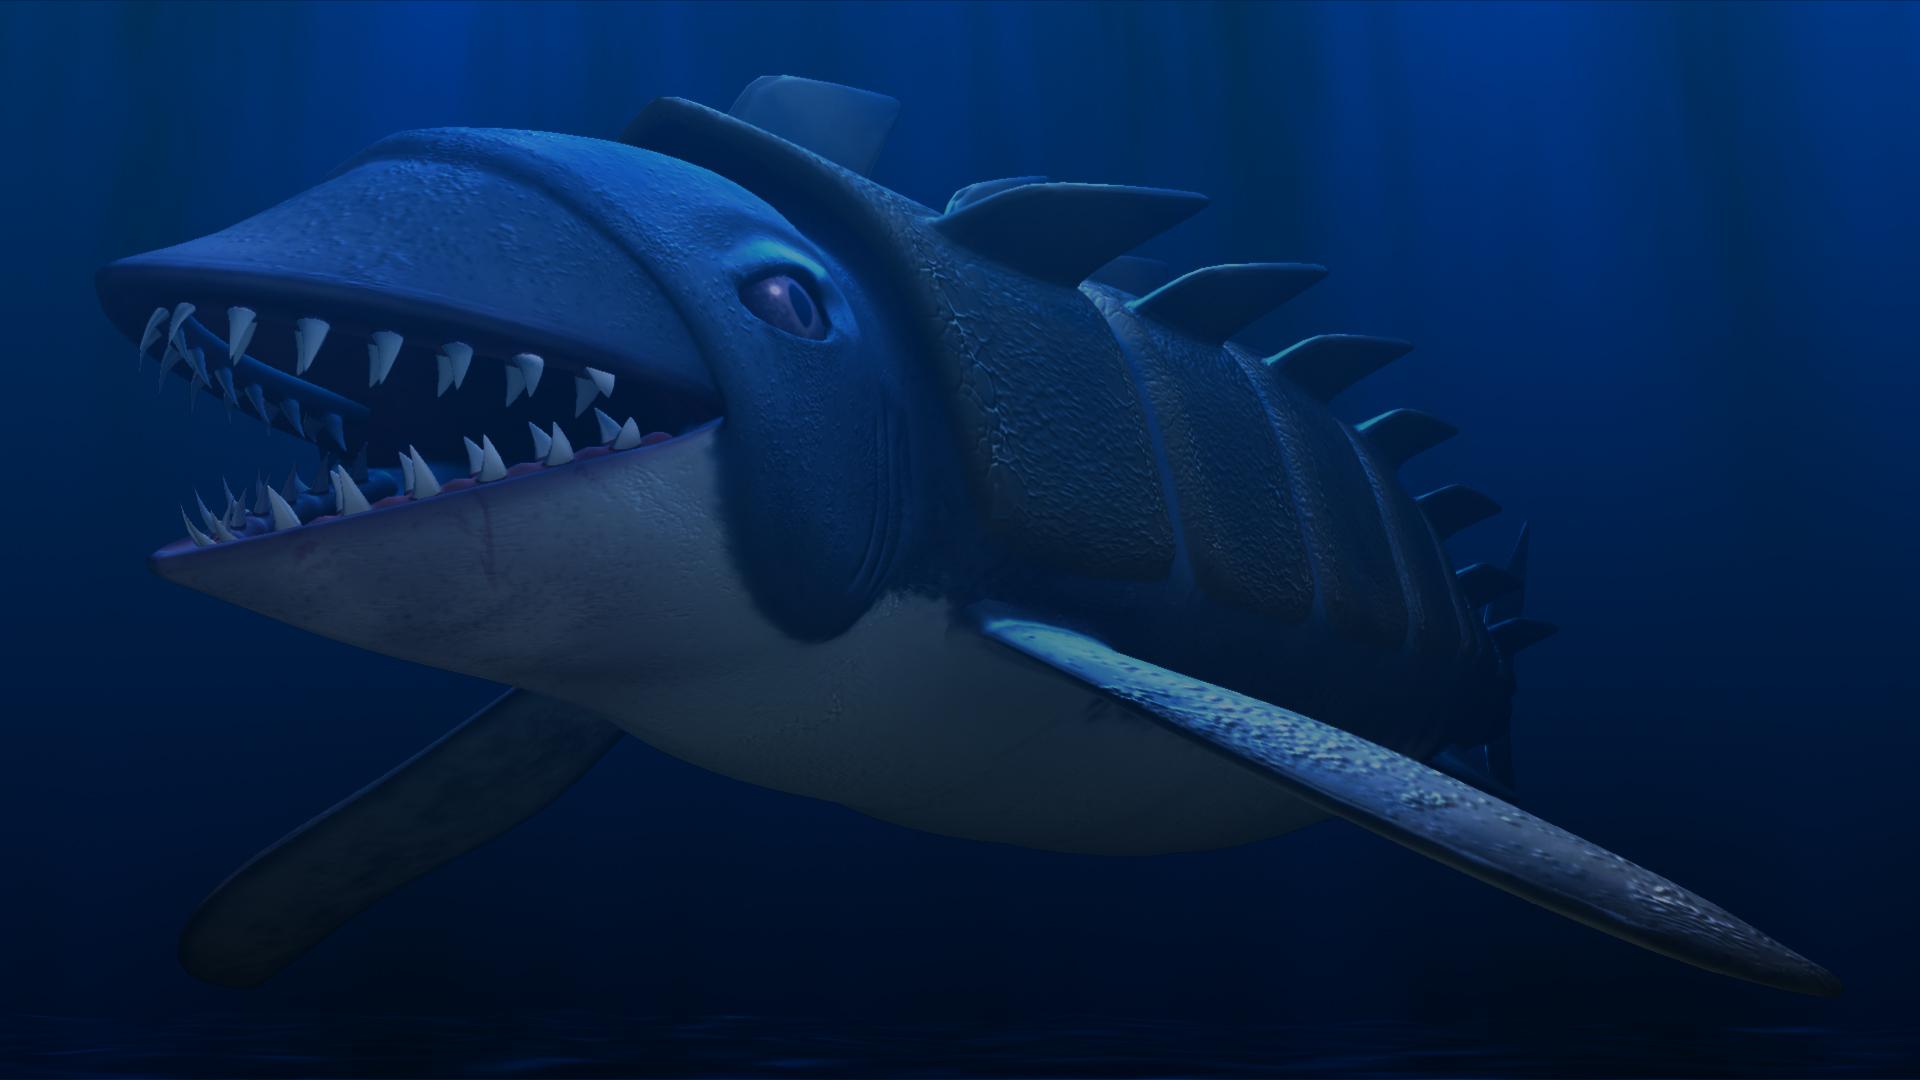 Armored Shark